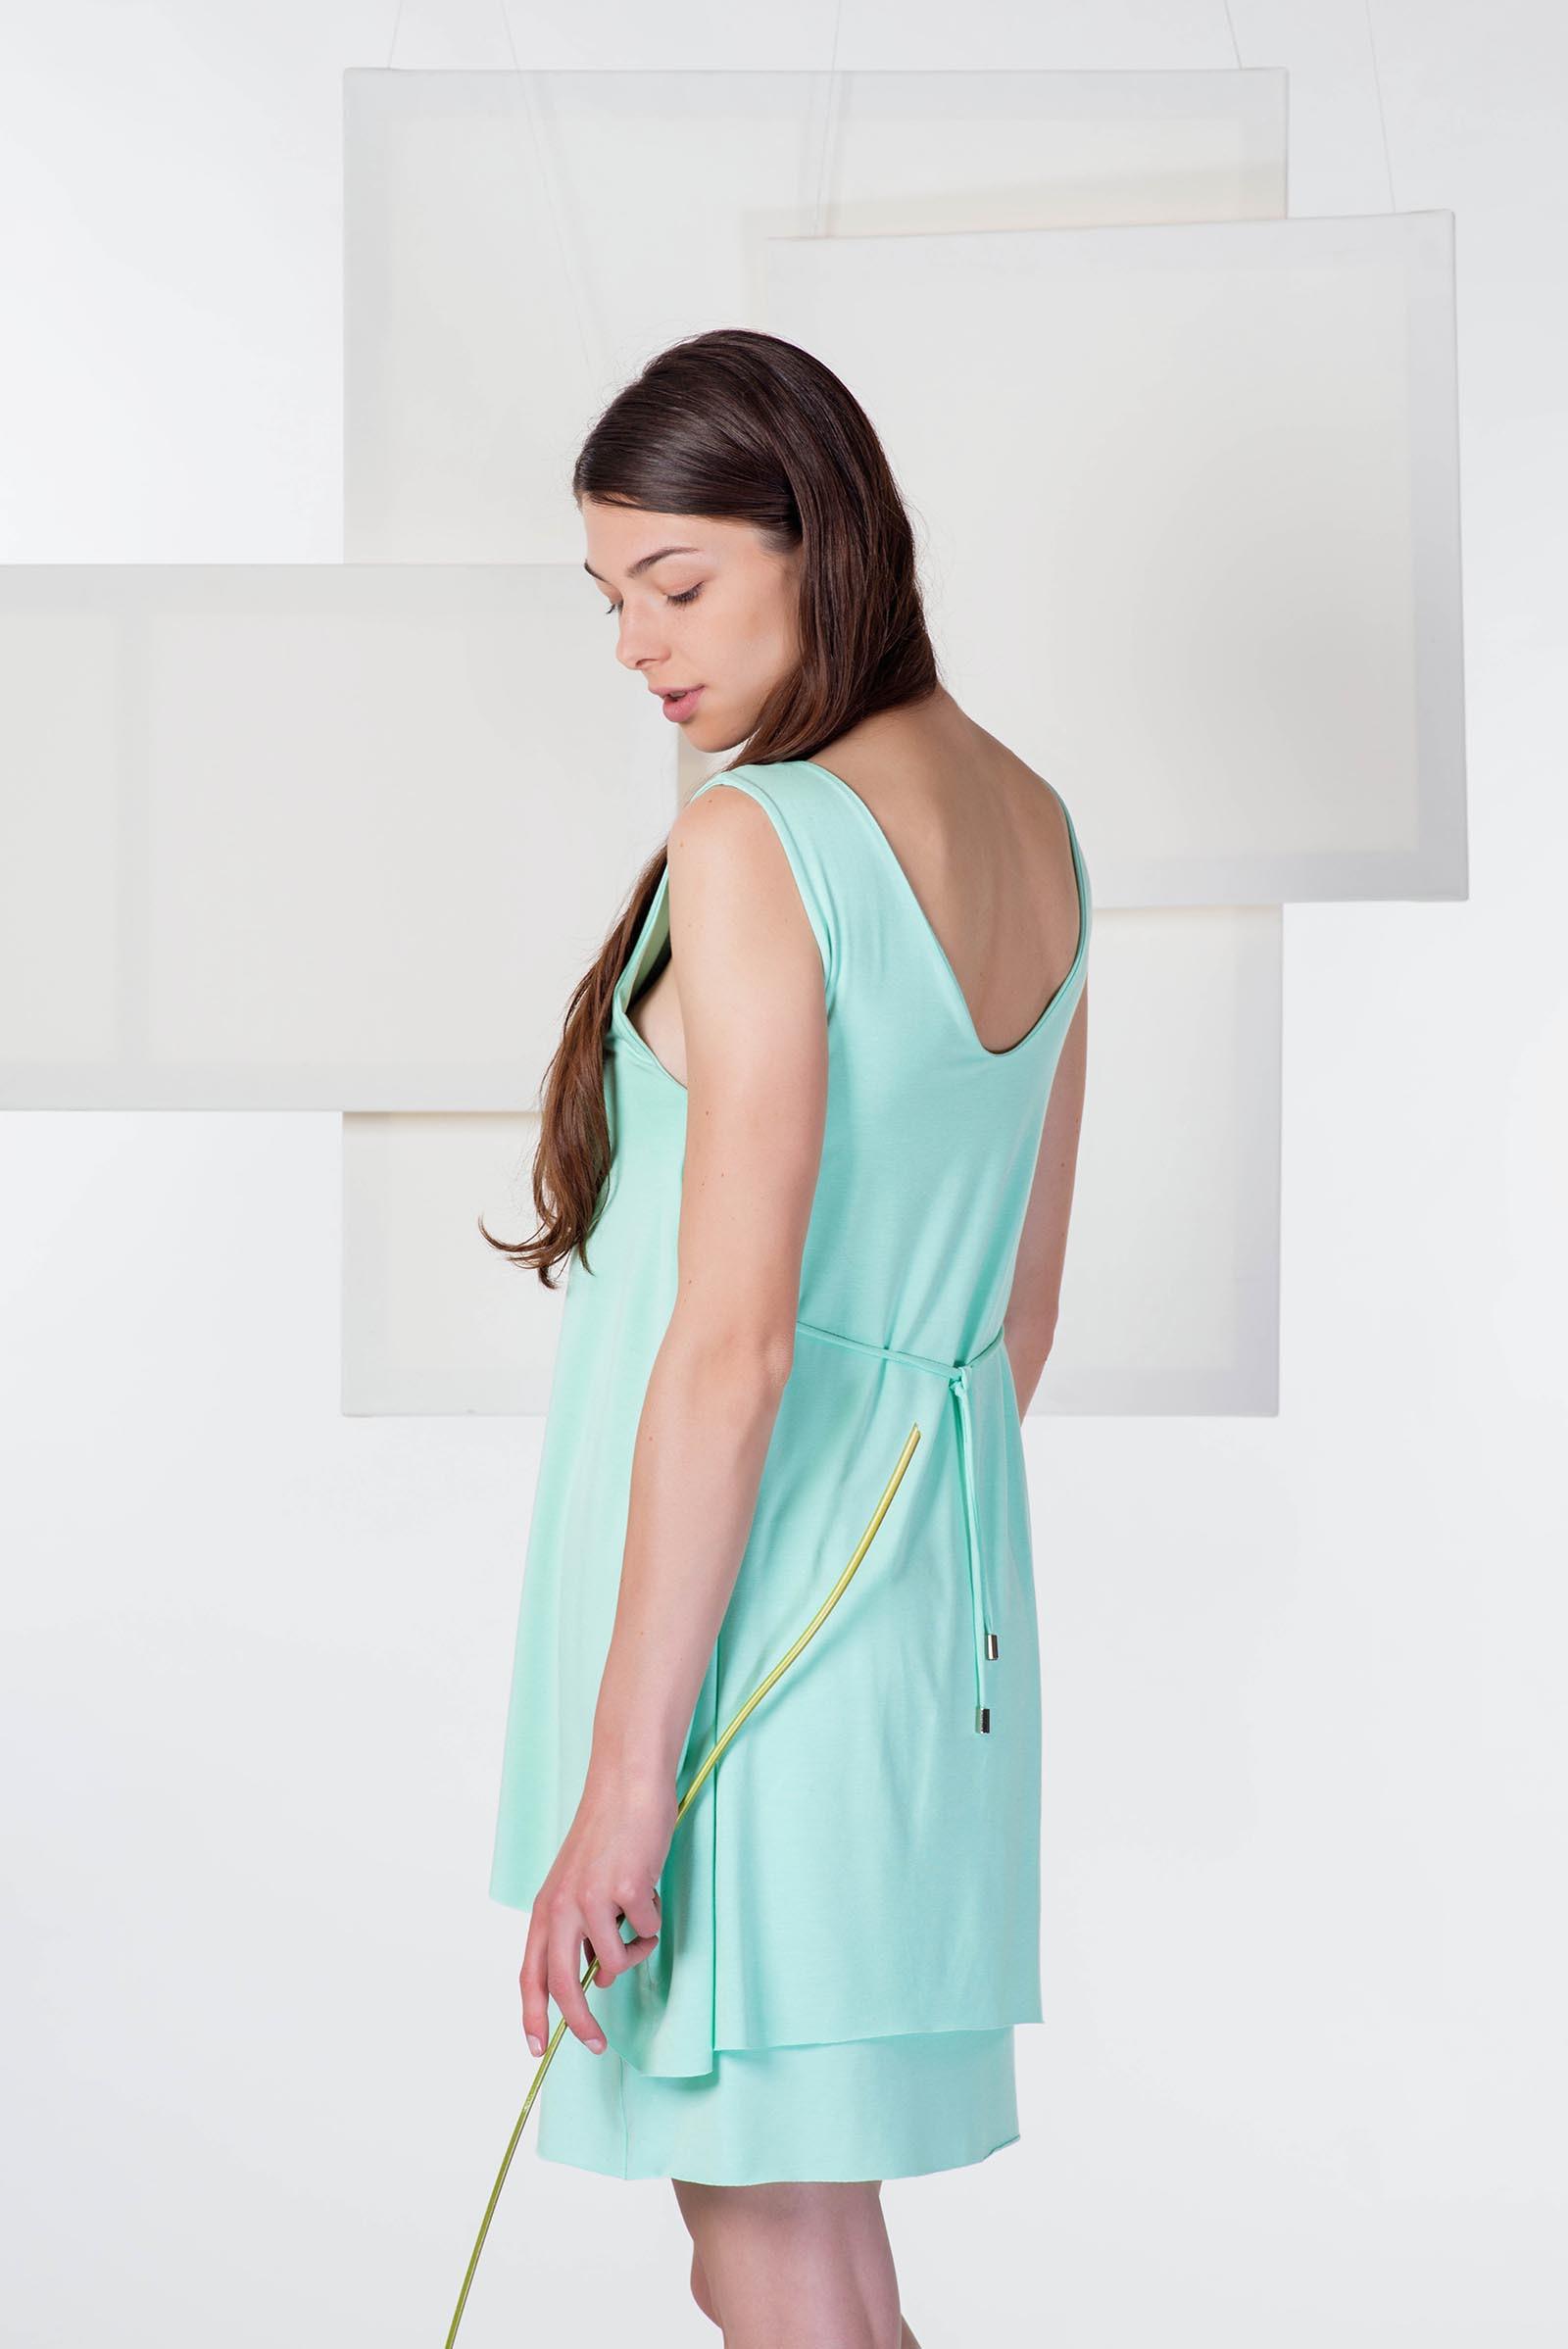 Šaty a sukně Agnes mintová